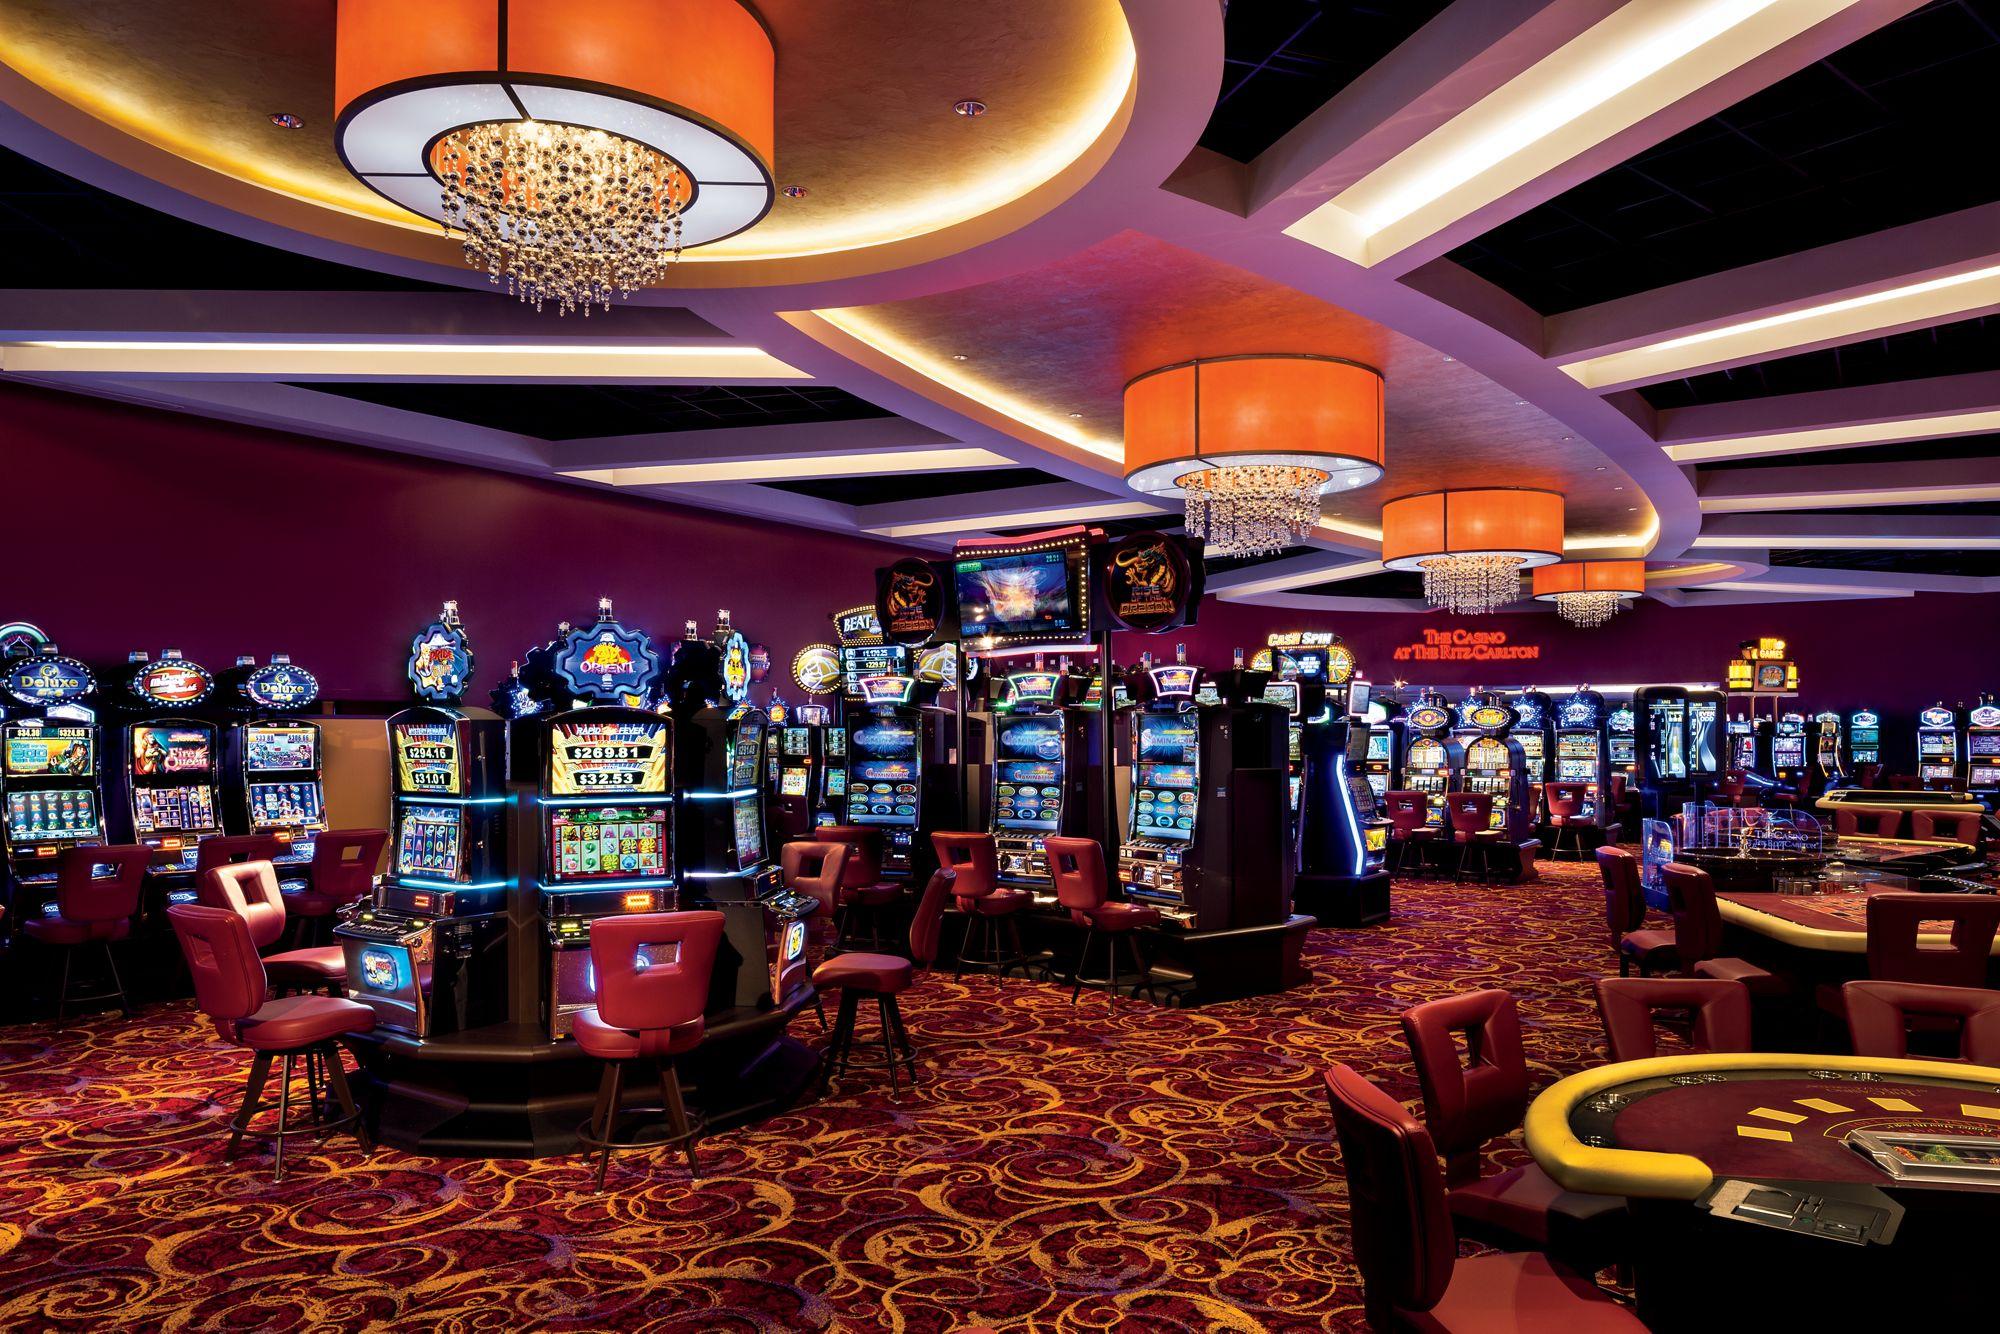 Avis Lucky8 : doit-on opter pour ce casino ou pas ?